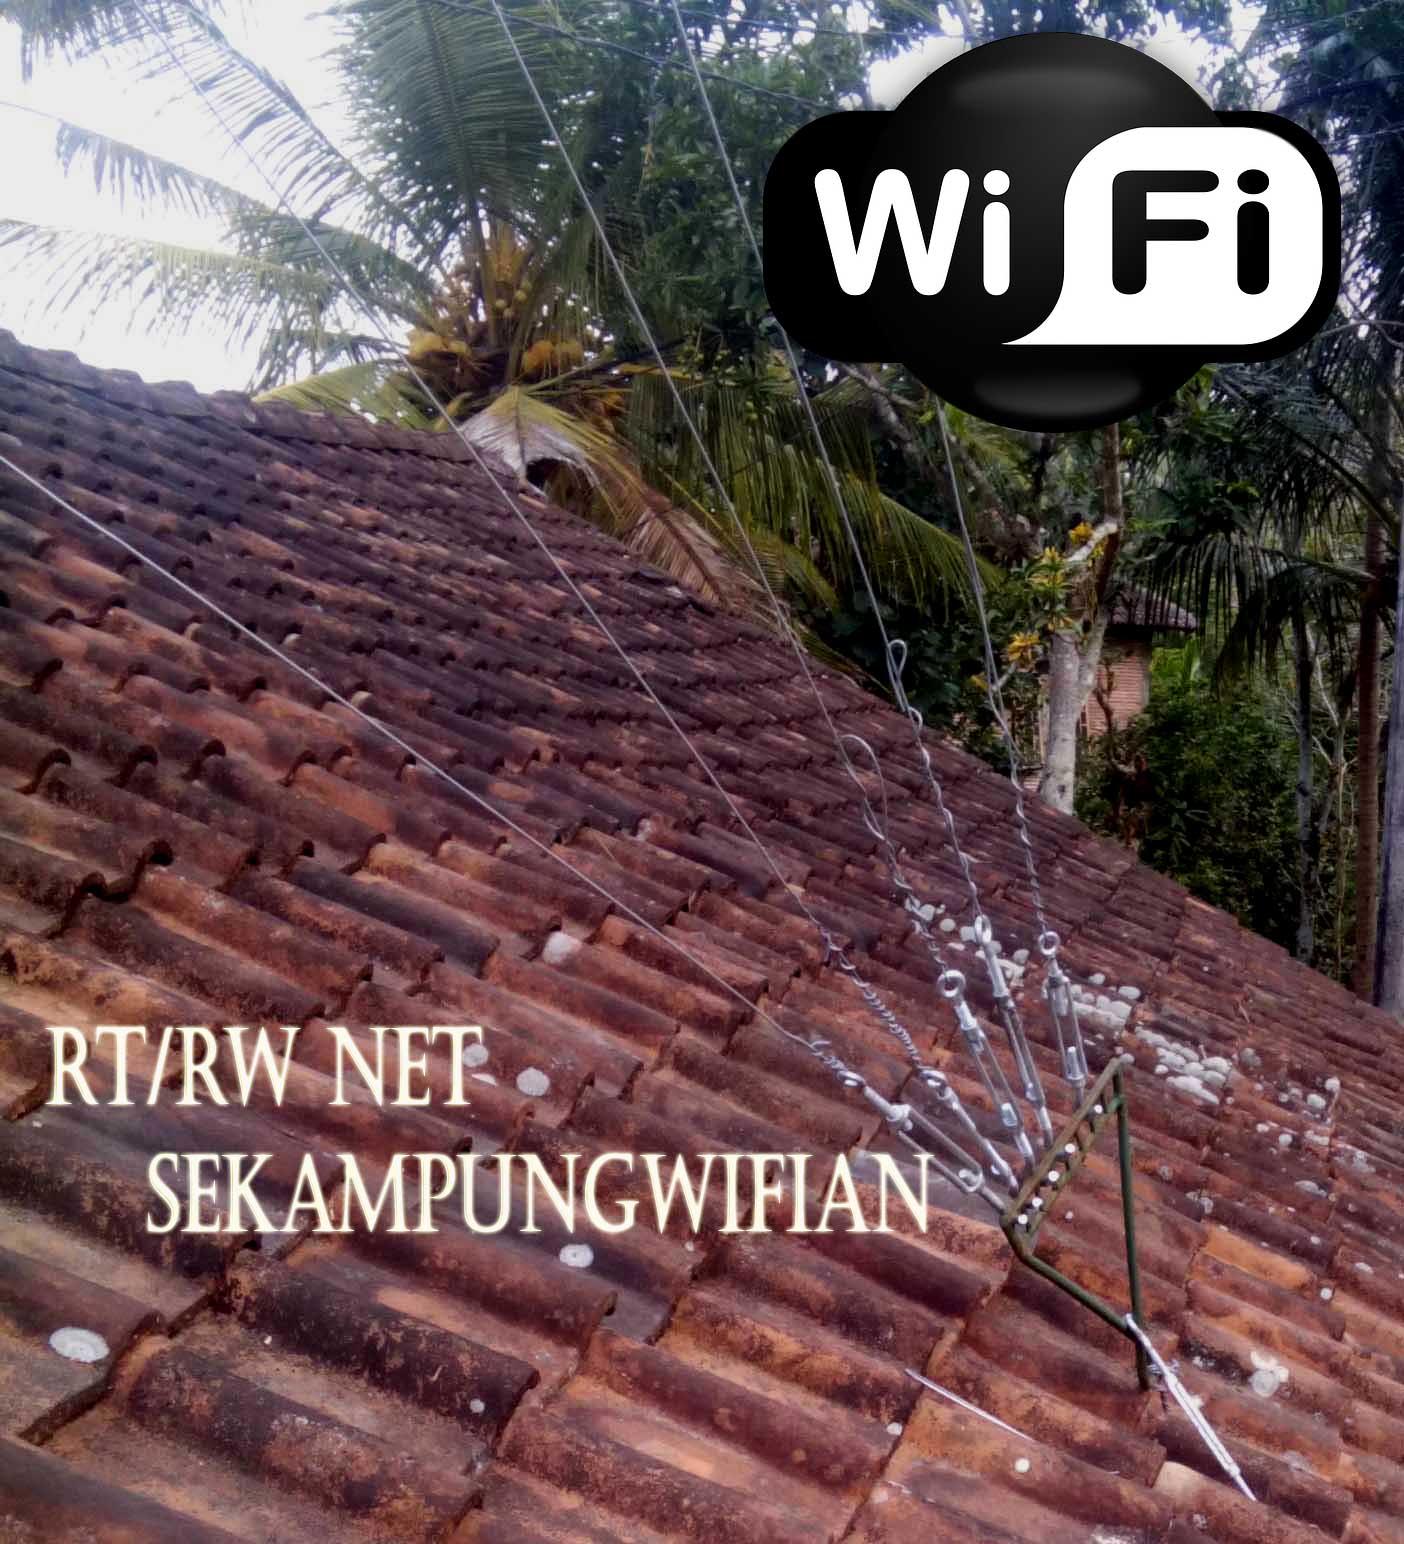 Cara Mendirikan Antena Wifi Monopole di Atas Genteng atau Wuwung Rumah untuk Tembak Wifi Jarak Jauh